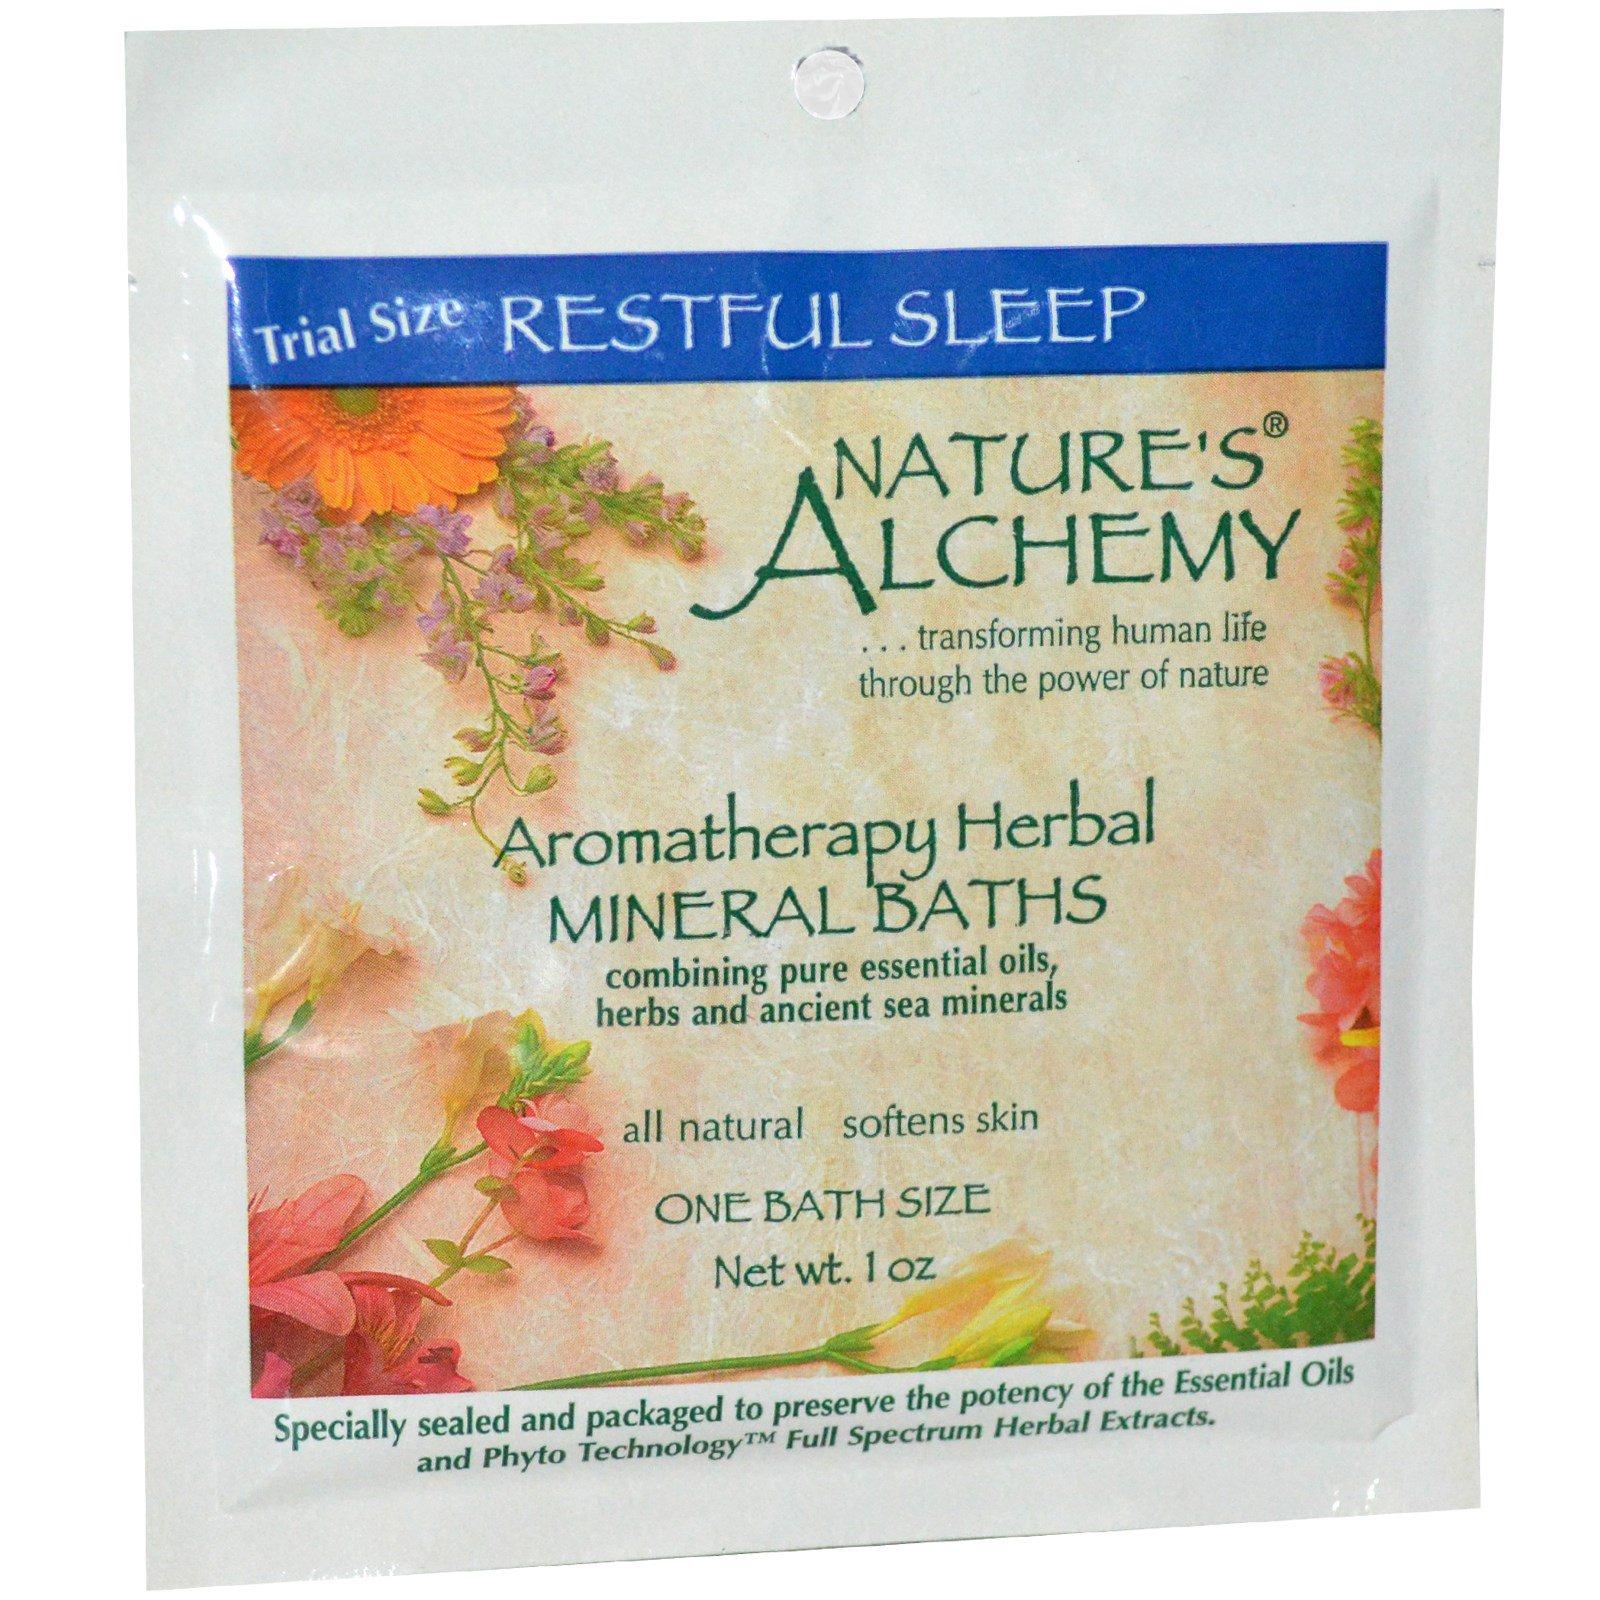 """Nature's Alchemy, Ароматерапевтические травяные минеральные ванны, """"Безмятежный сон"""", пробник, 1 oz (~30 мл)"""